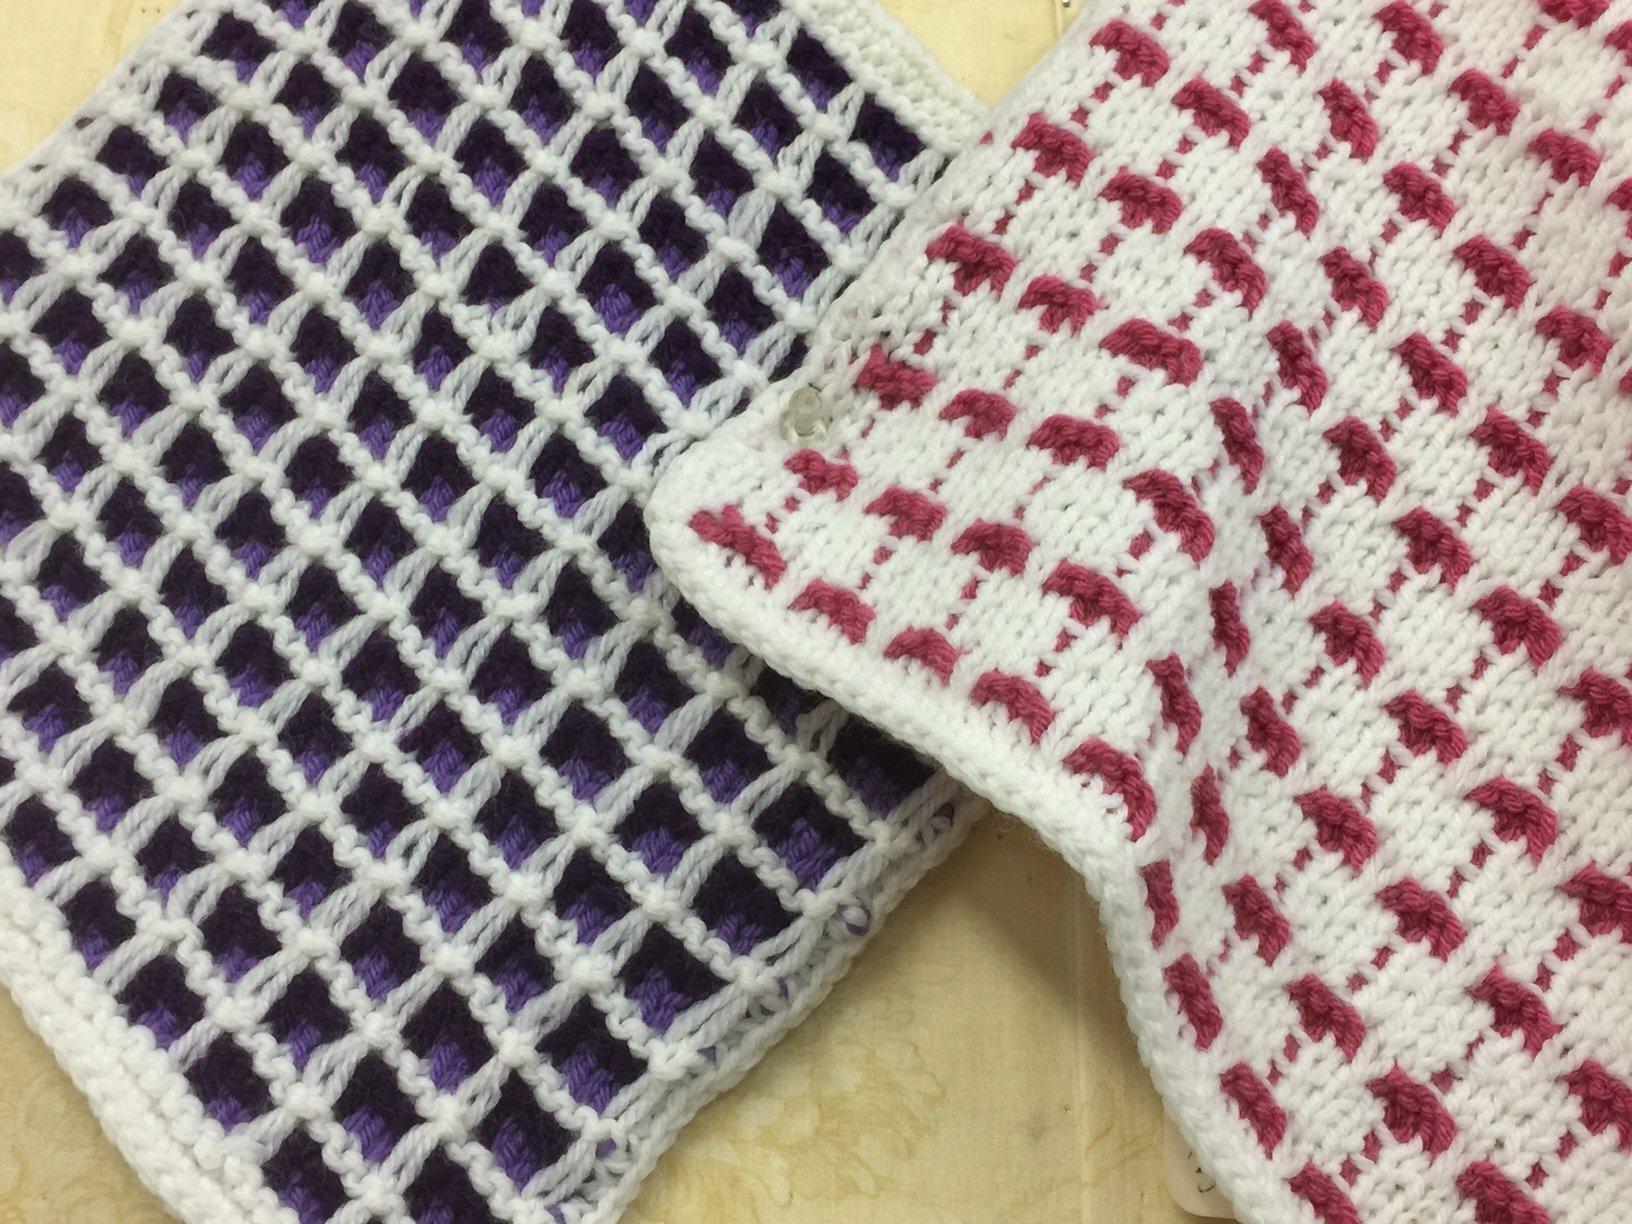 SODO-Slip-Stitch Knitting (1 day)